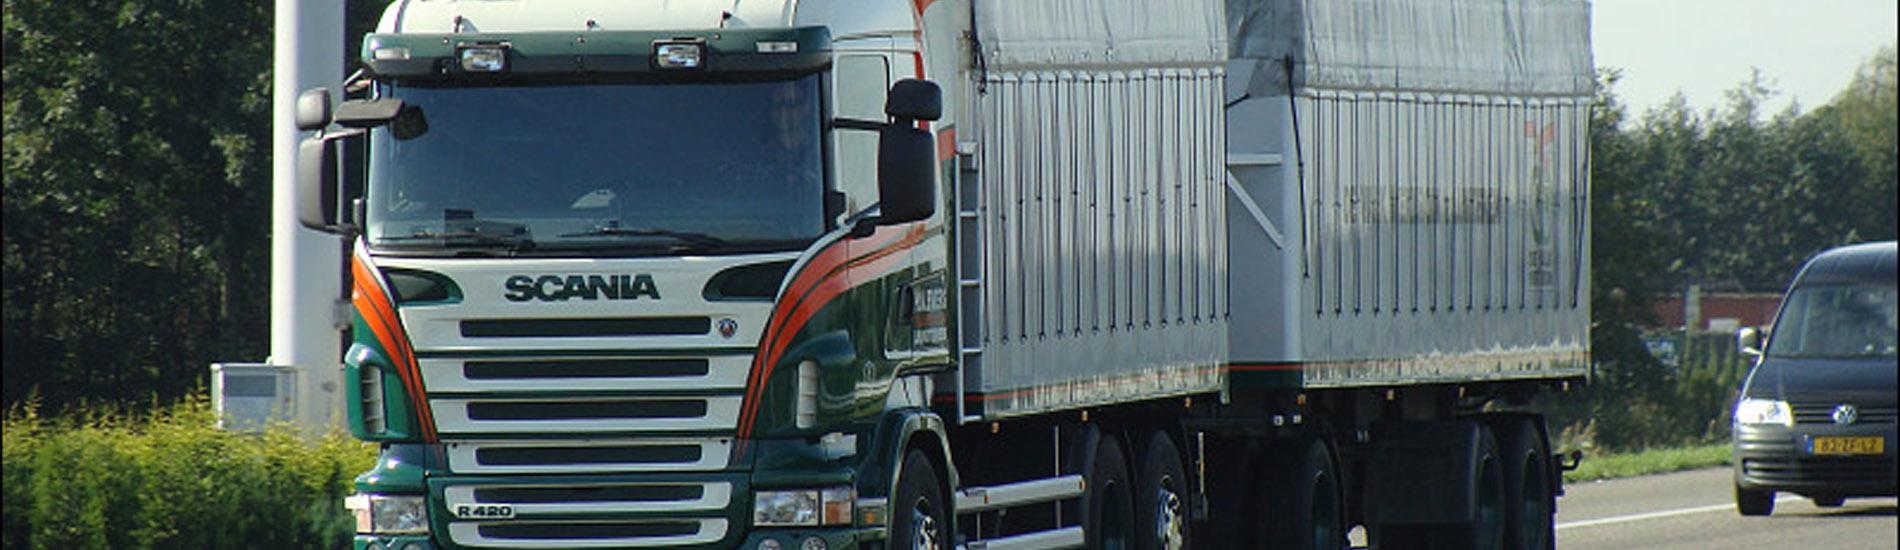 Vervoer grondstoffen veevoeders